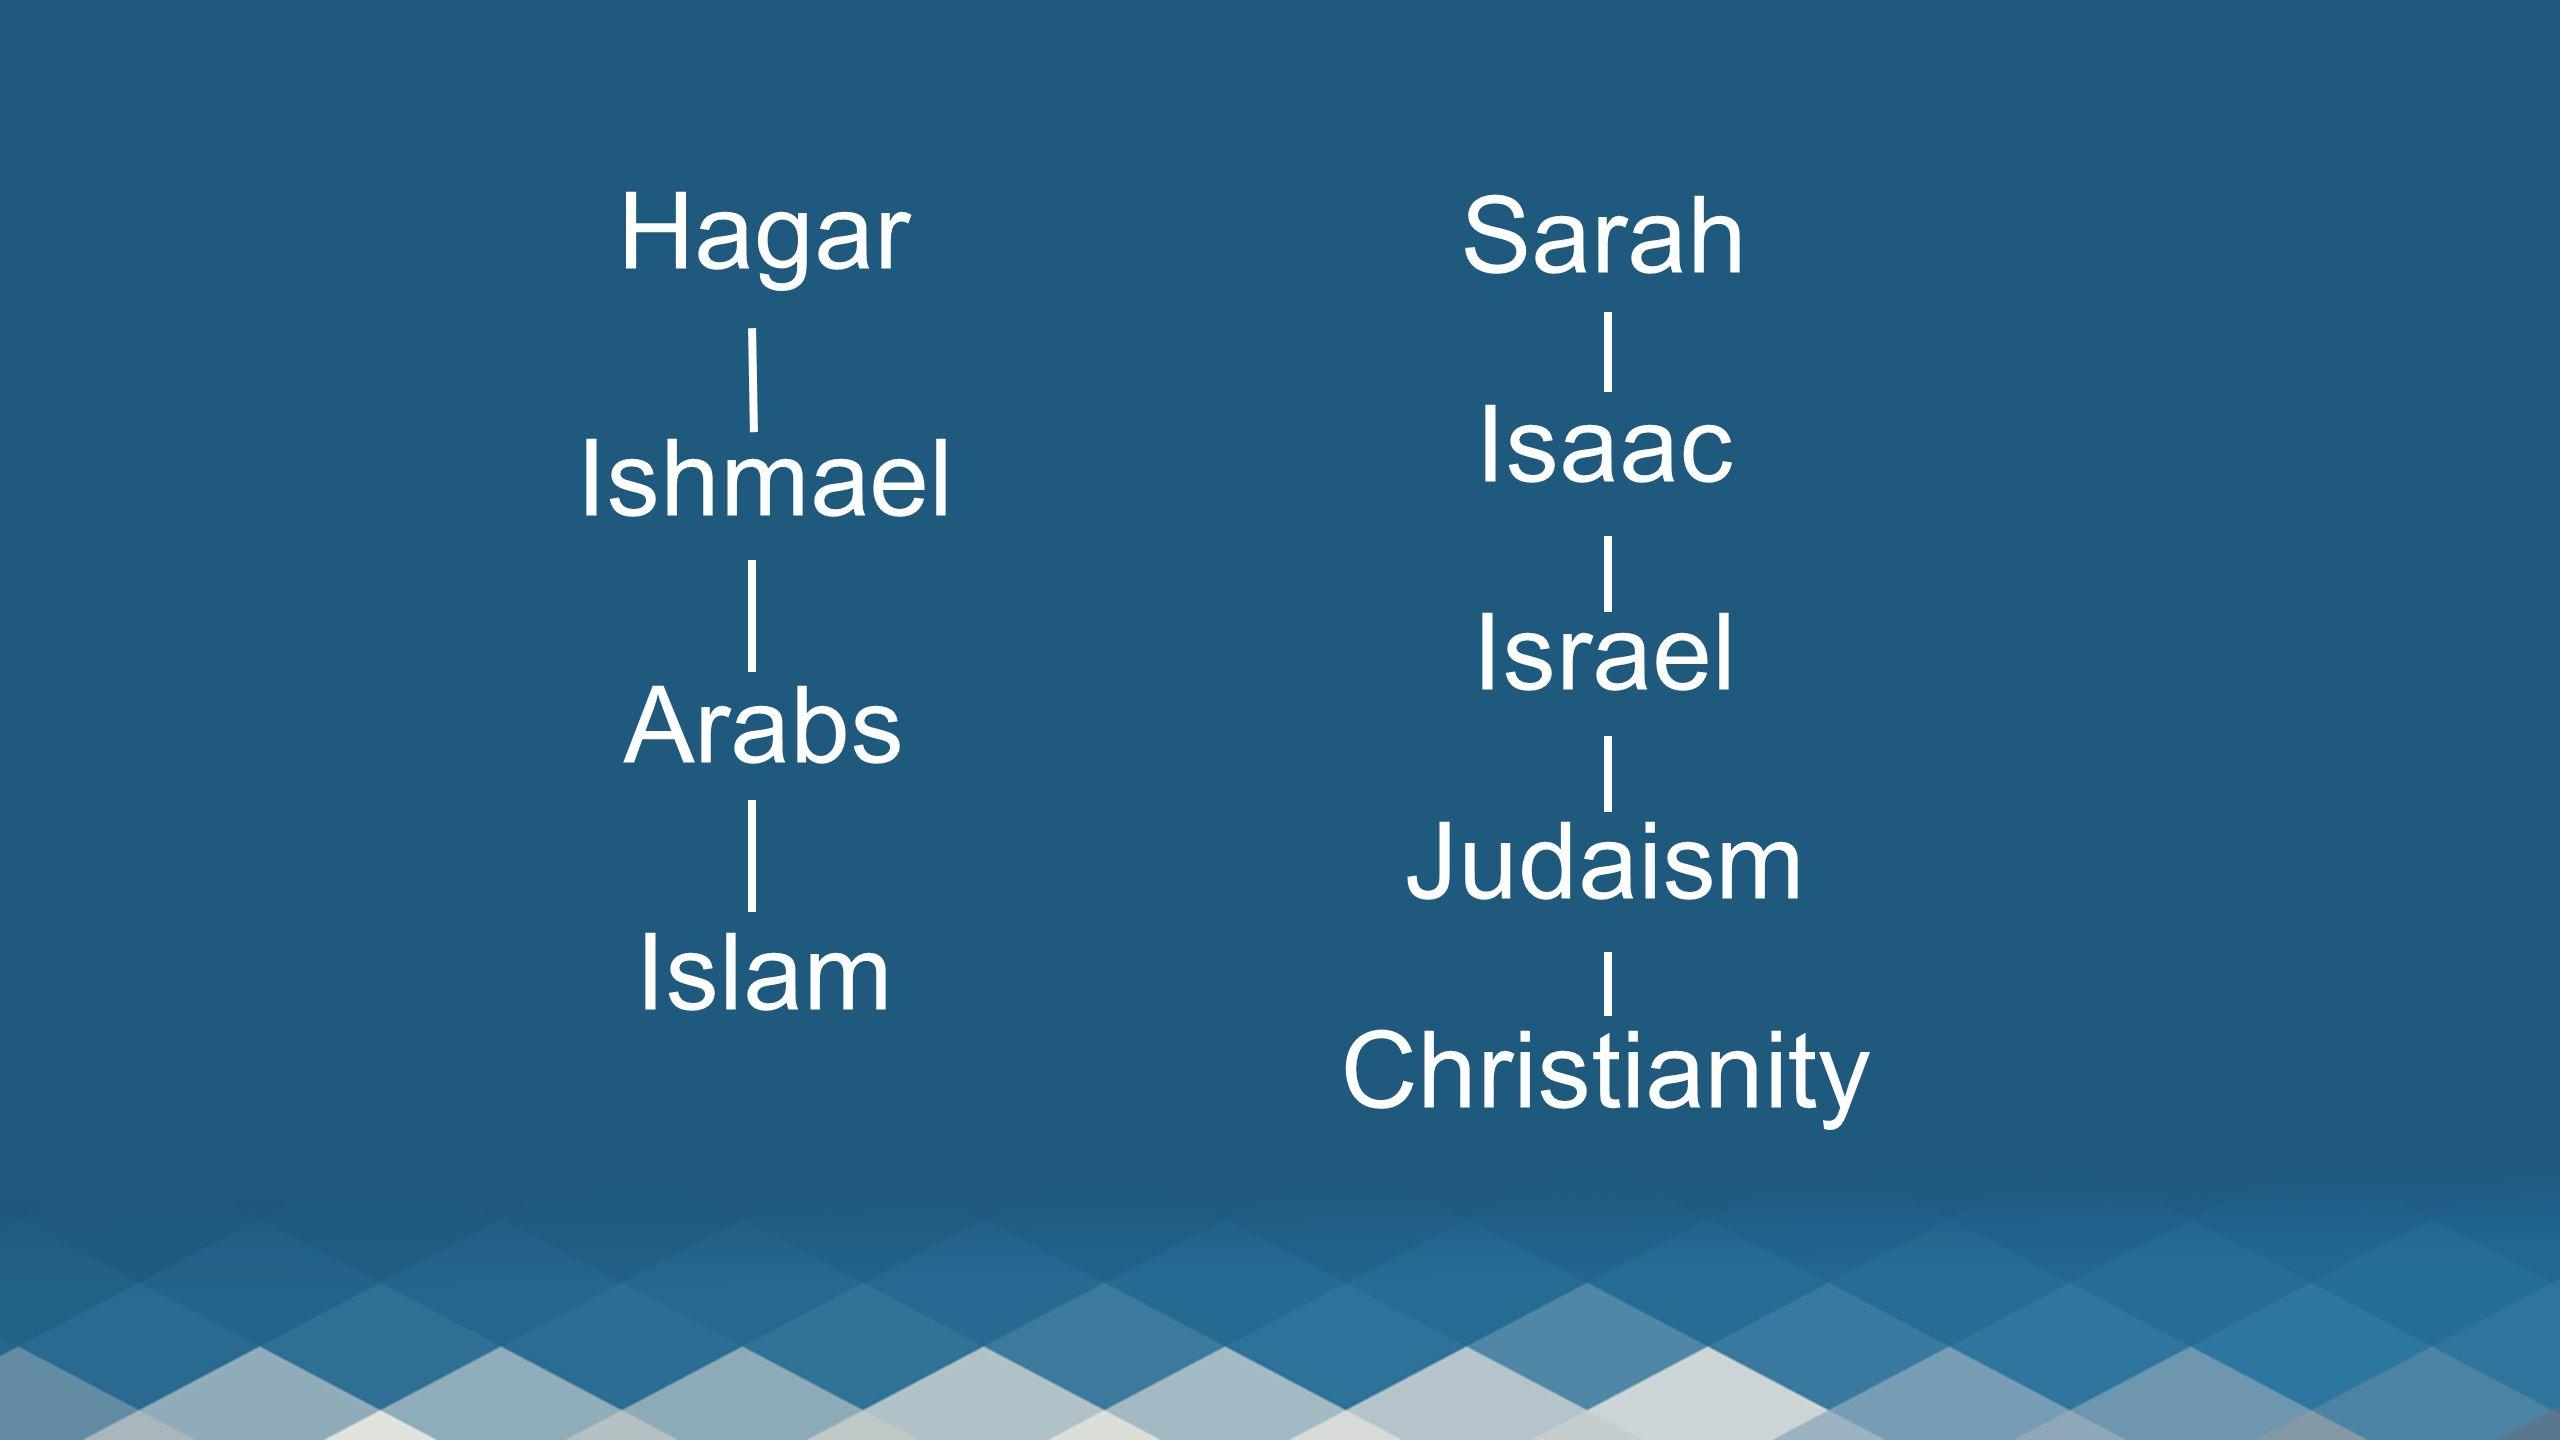 Hagar Ishmael Arabs Islam Sarah Isaac Israel Judaism Christianity